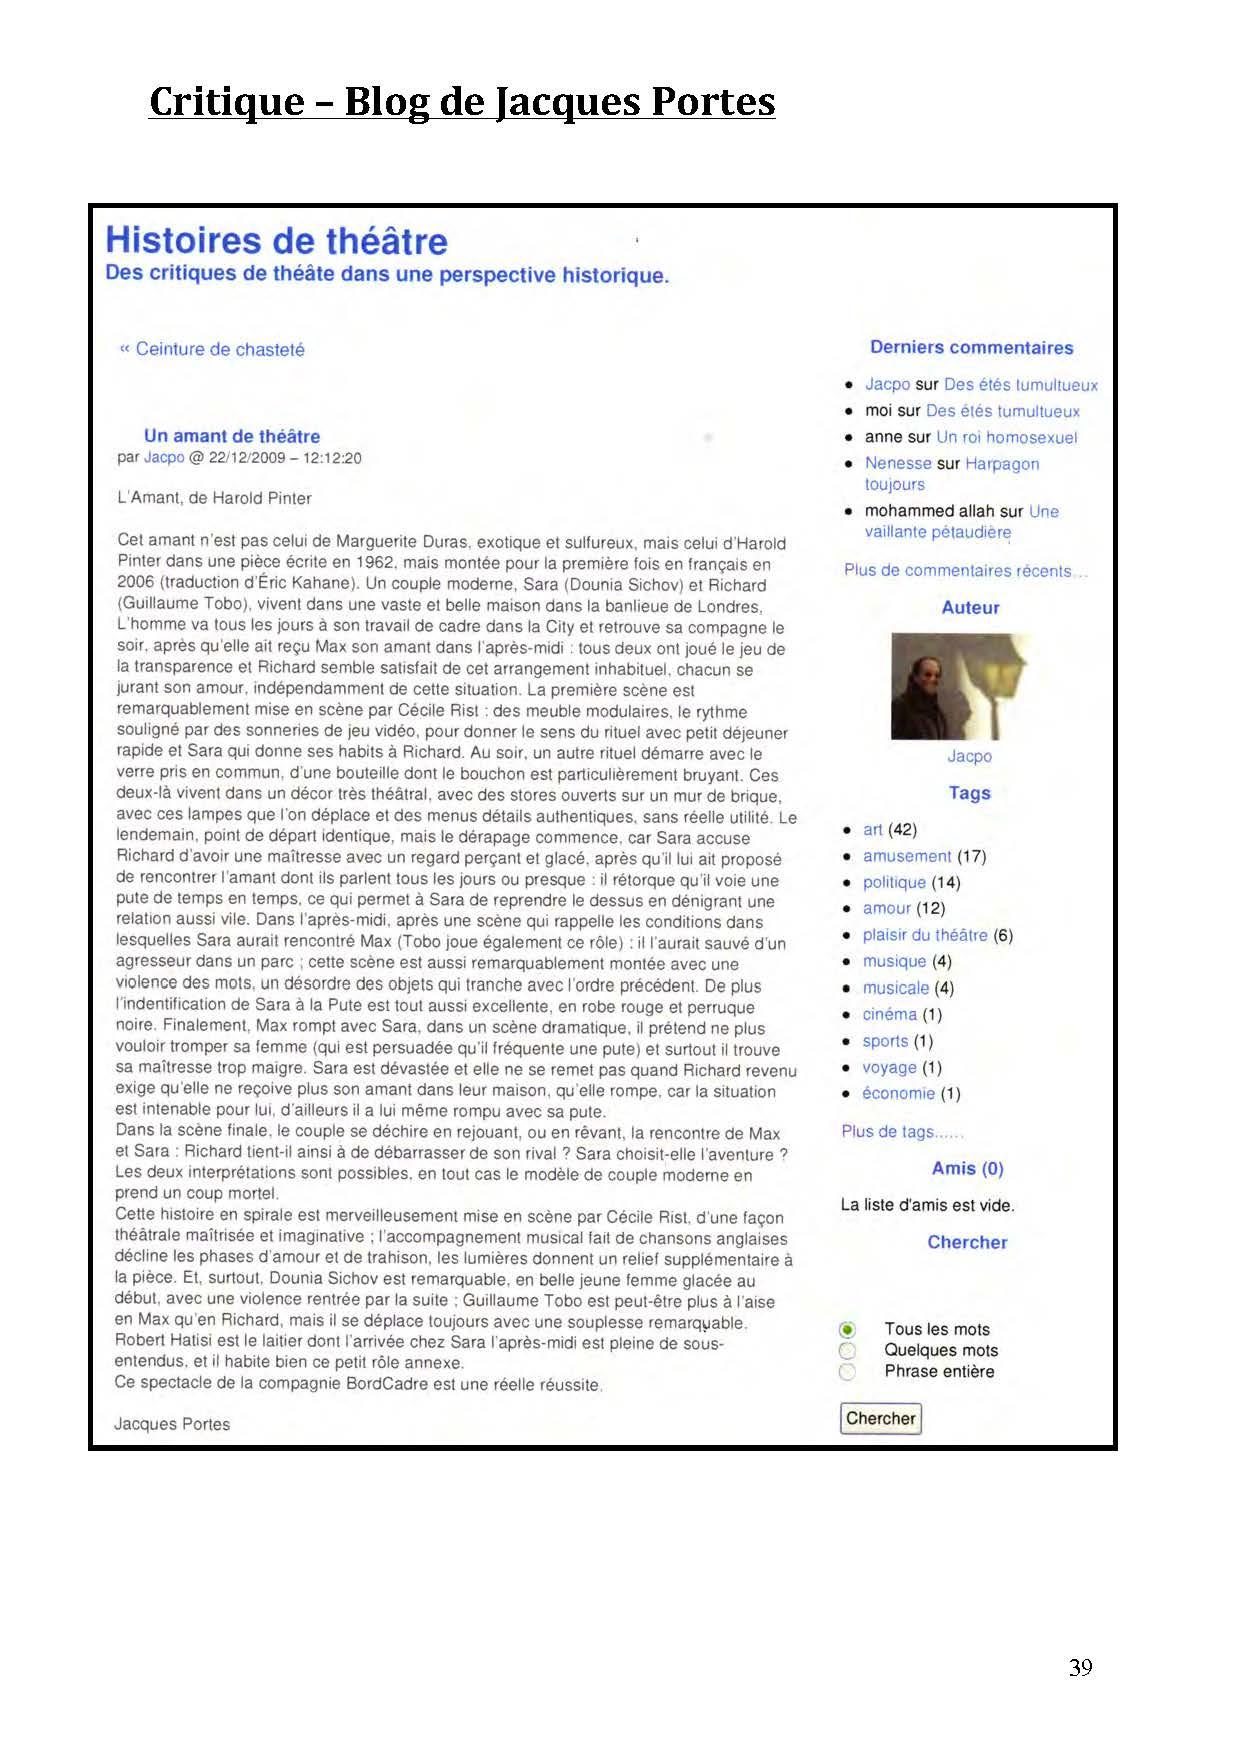 LA NUIT JUSTE AVANT LES FORÊTS - Revue de presse de BordCadre & Cécile Rist_Page_35